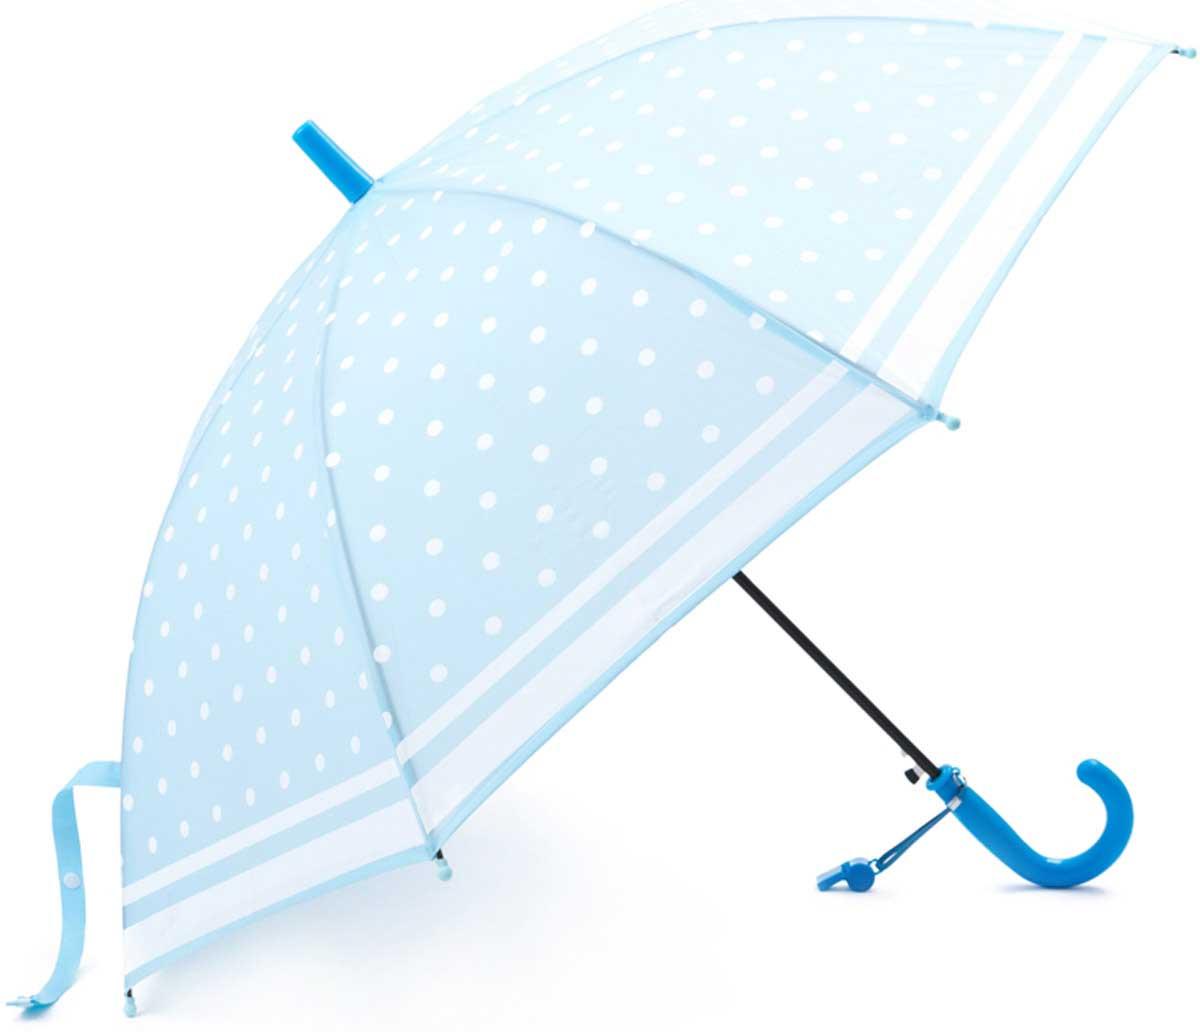 Зонт для девочки PlayToday, цвет: голубой. 172701. Размер 48.5172071Этот яркий зонтик обязательно понравится Вашему ребенку! Оснащен специальной безопасной системой открывания и закрывания. Материал каркаса ветроустойчивый. Концы спиц снабжены пластмассовыми наконечниками для защиты от травм. Такой зонт идеально подойдет для прогулок в дождливую погоду.